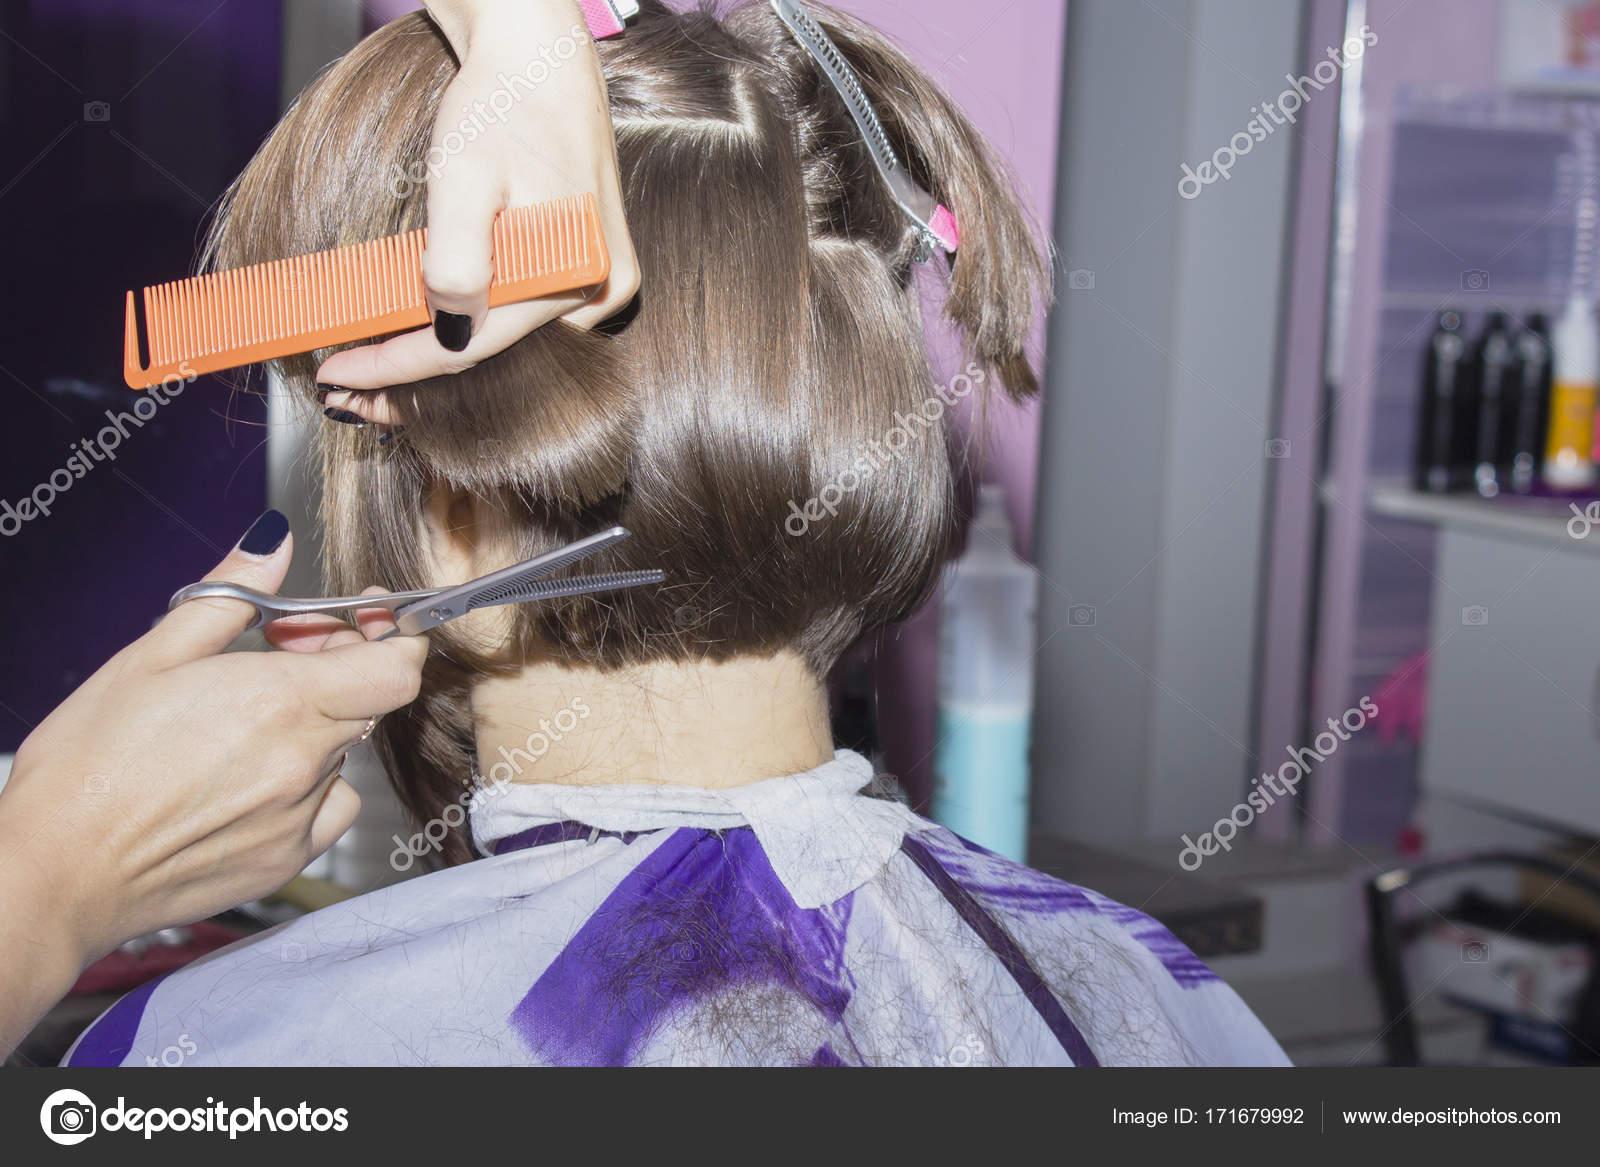 Pettine che taglia i capelli